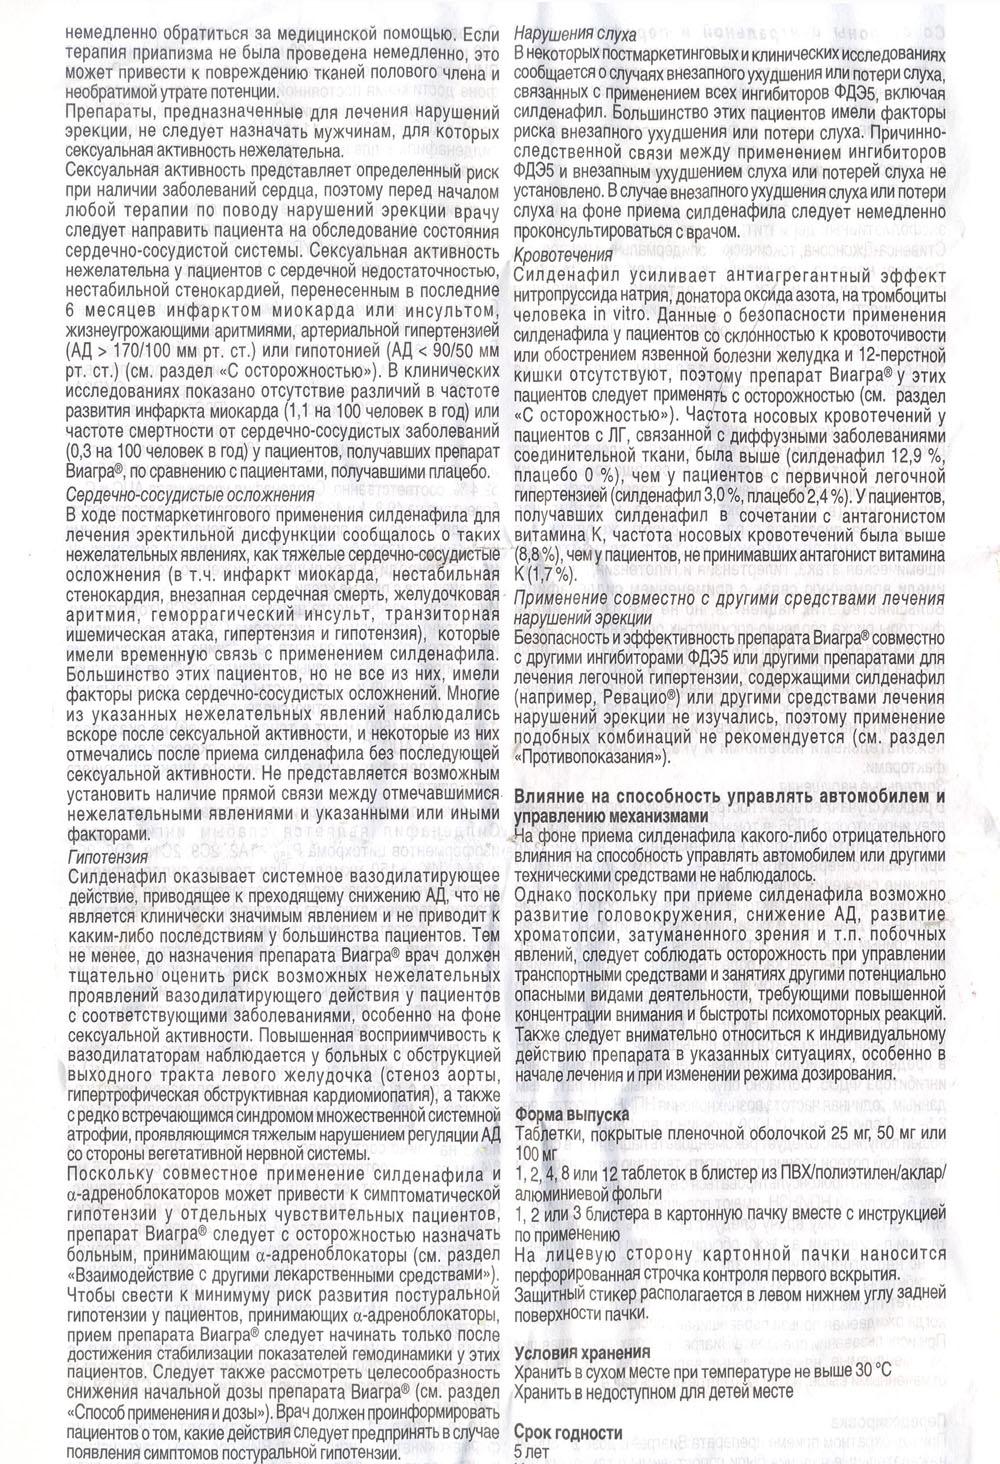 Дженерик Виагра инструкция по применению